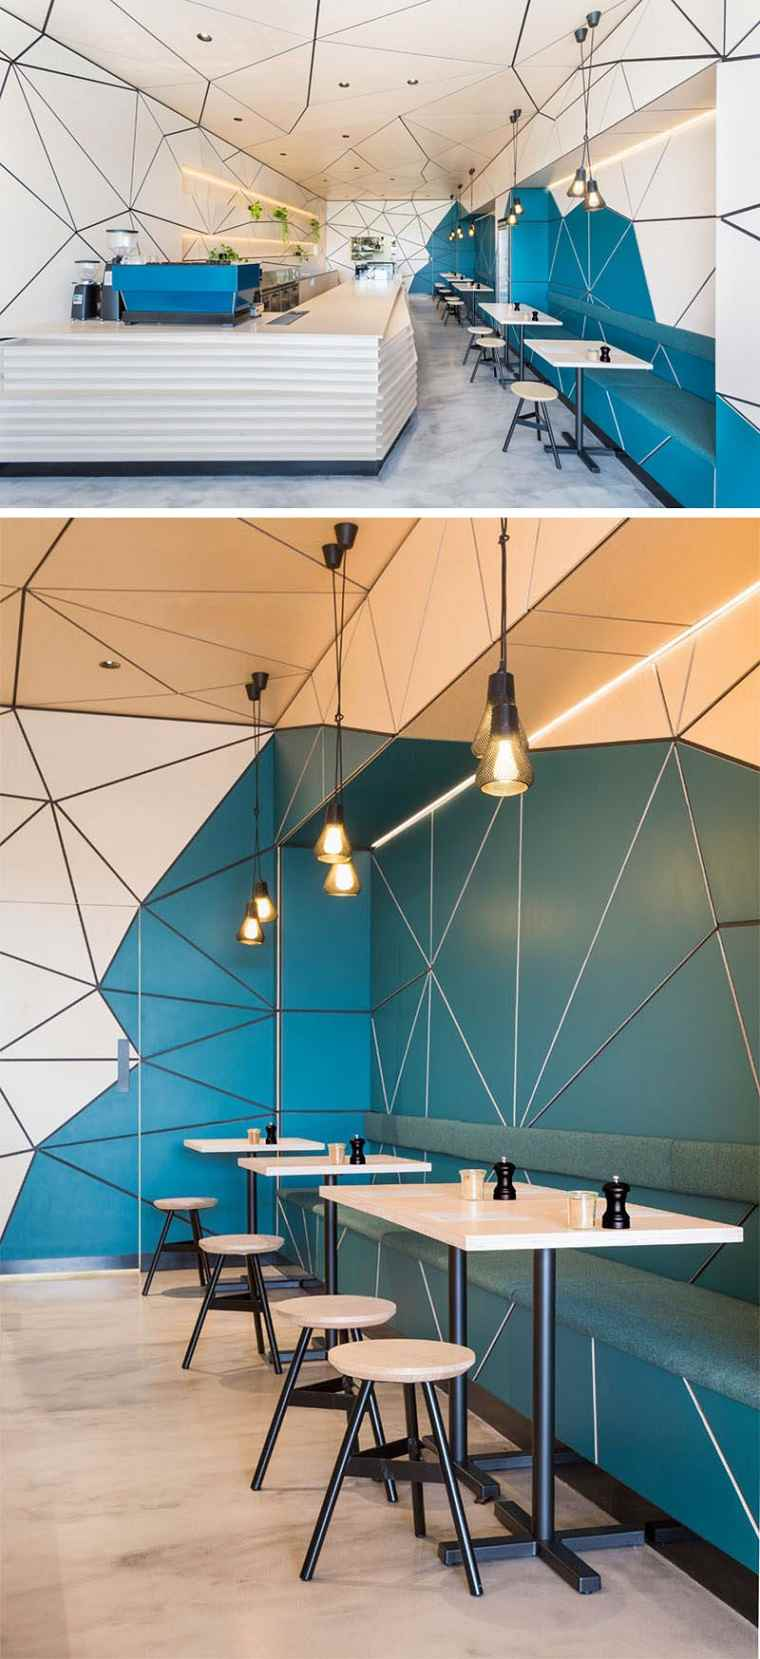 Cafeterías con encanto en Australia y Nueva Zelanda -